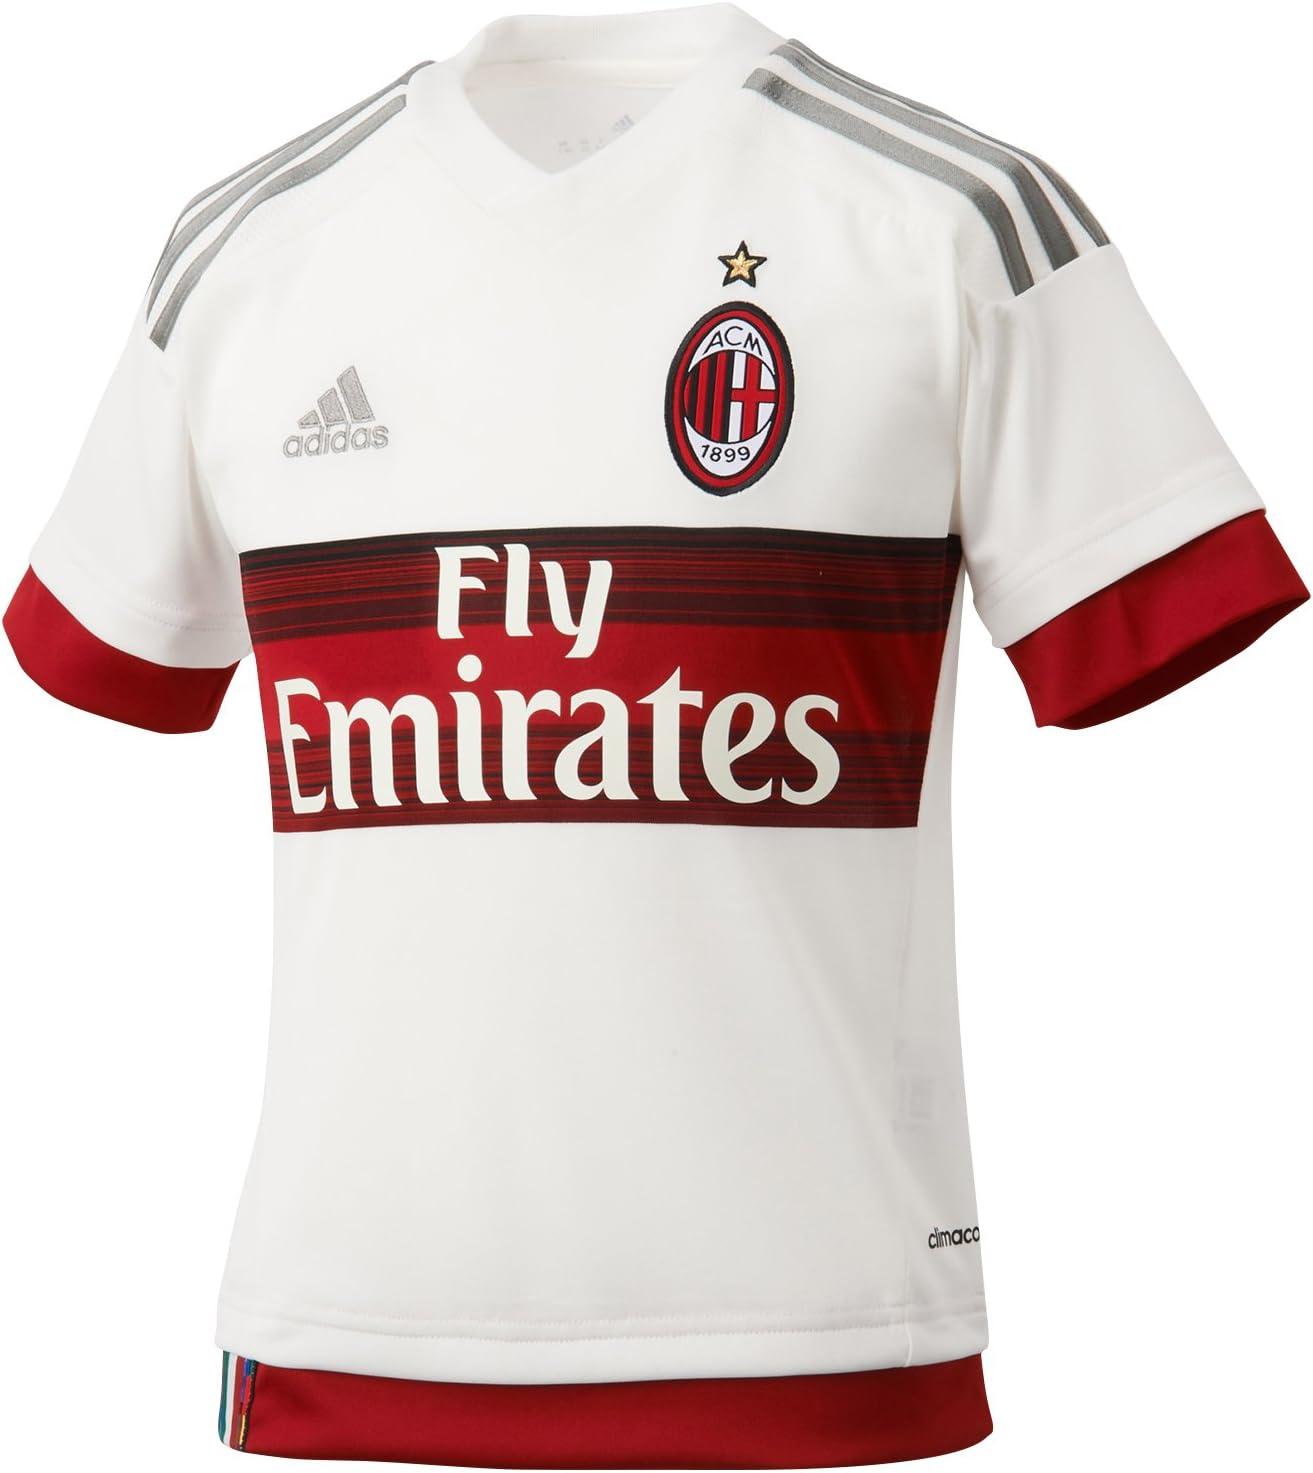 adidas Maillot de Football pour Enfant Milan AC réplique